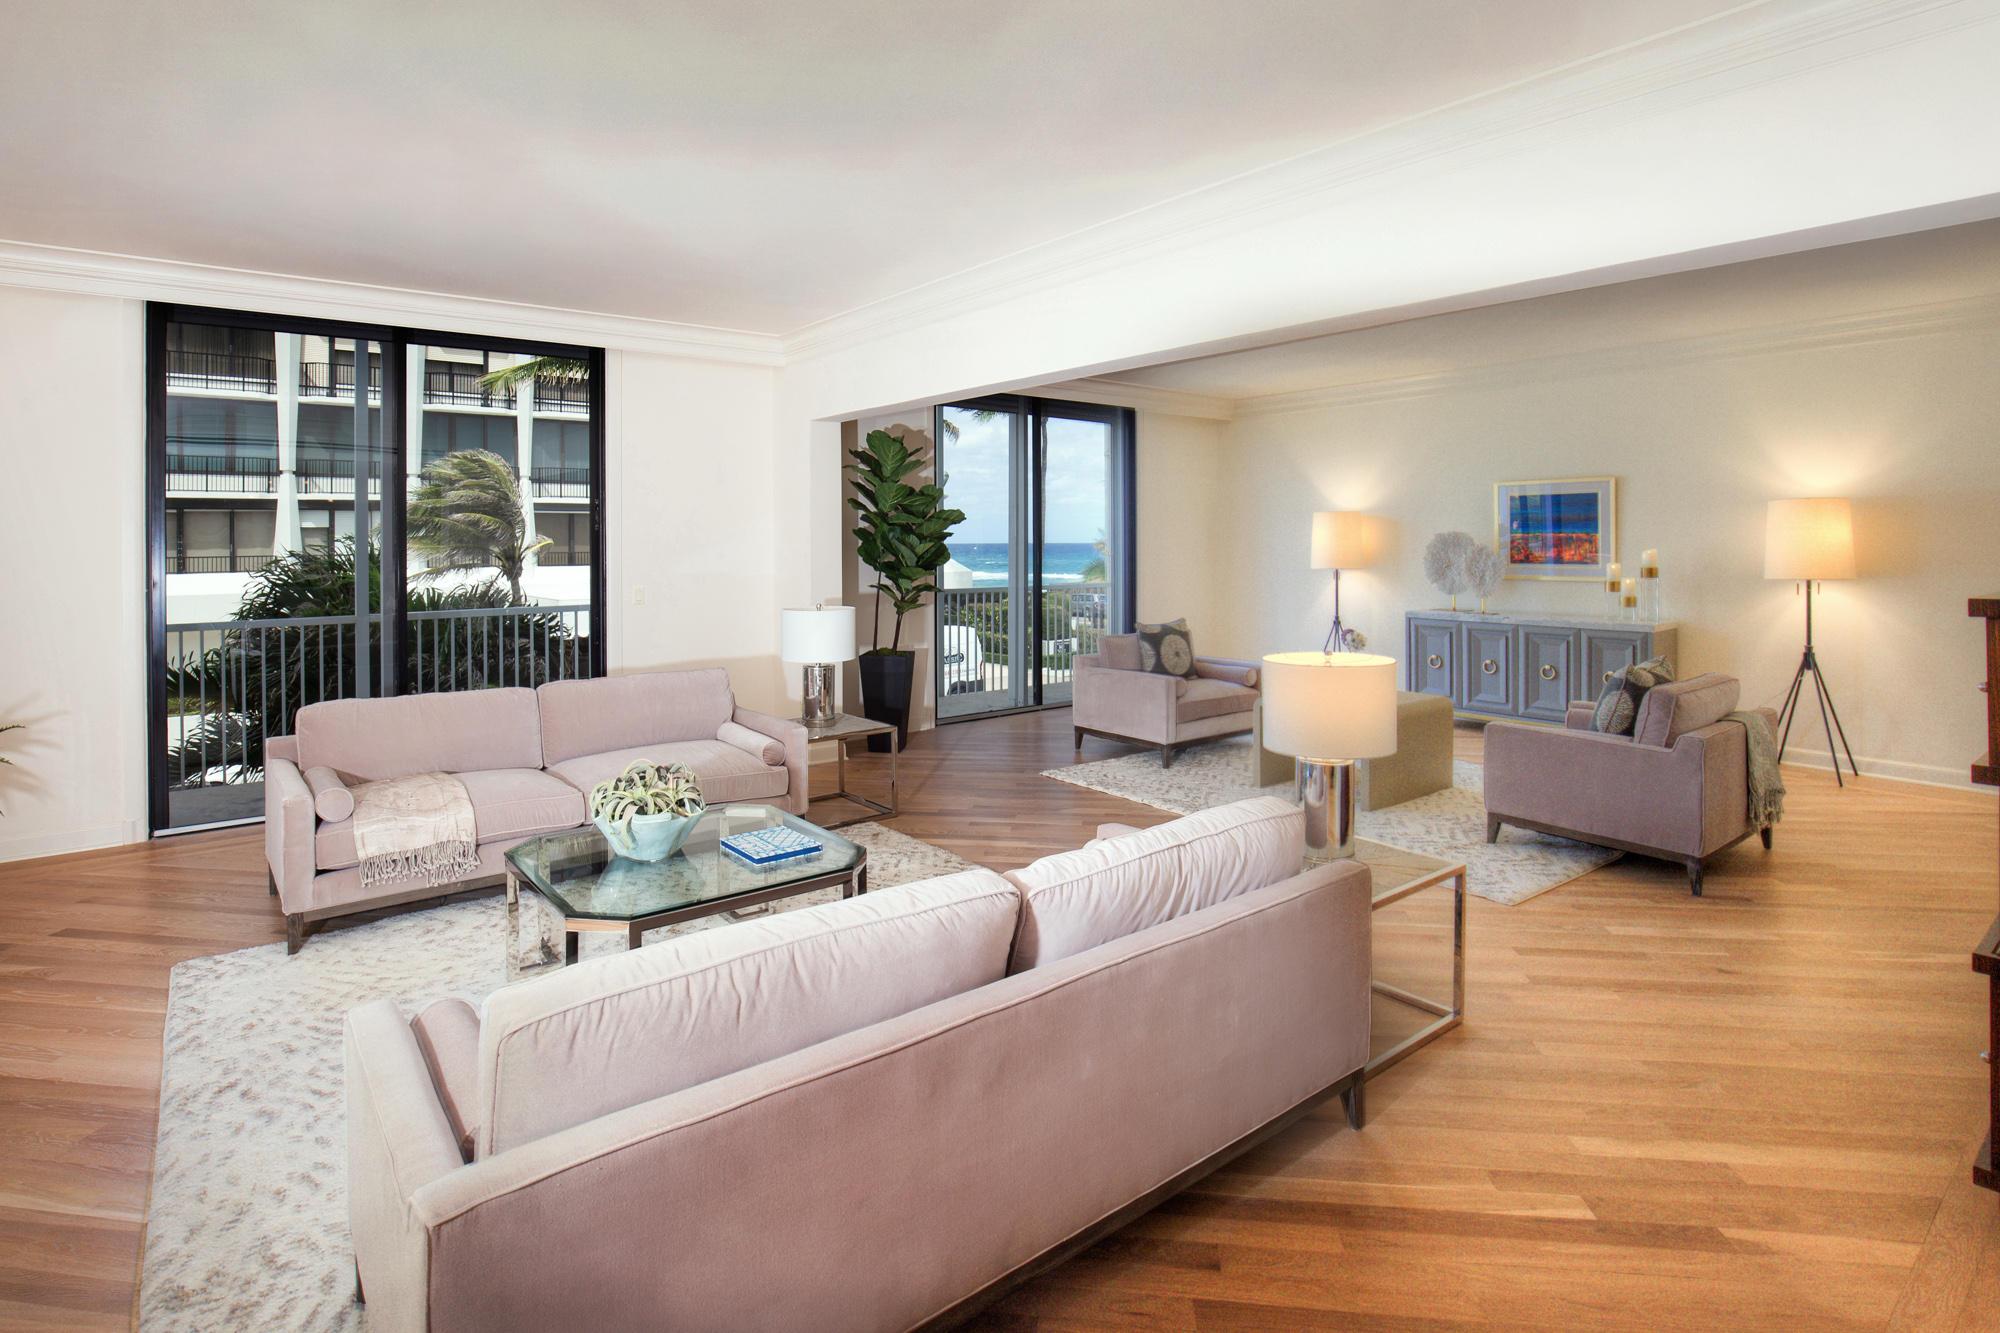 400 Ocean Boulevard, Palm Beach, Florida 33480, 4 Bedrooms Bedrooms, ,4.1 BathroomsBathrooms,Condo/Coop,For Sale,Ocean,2,RX-10390631